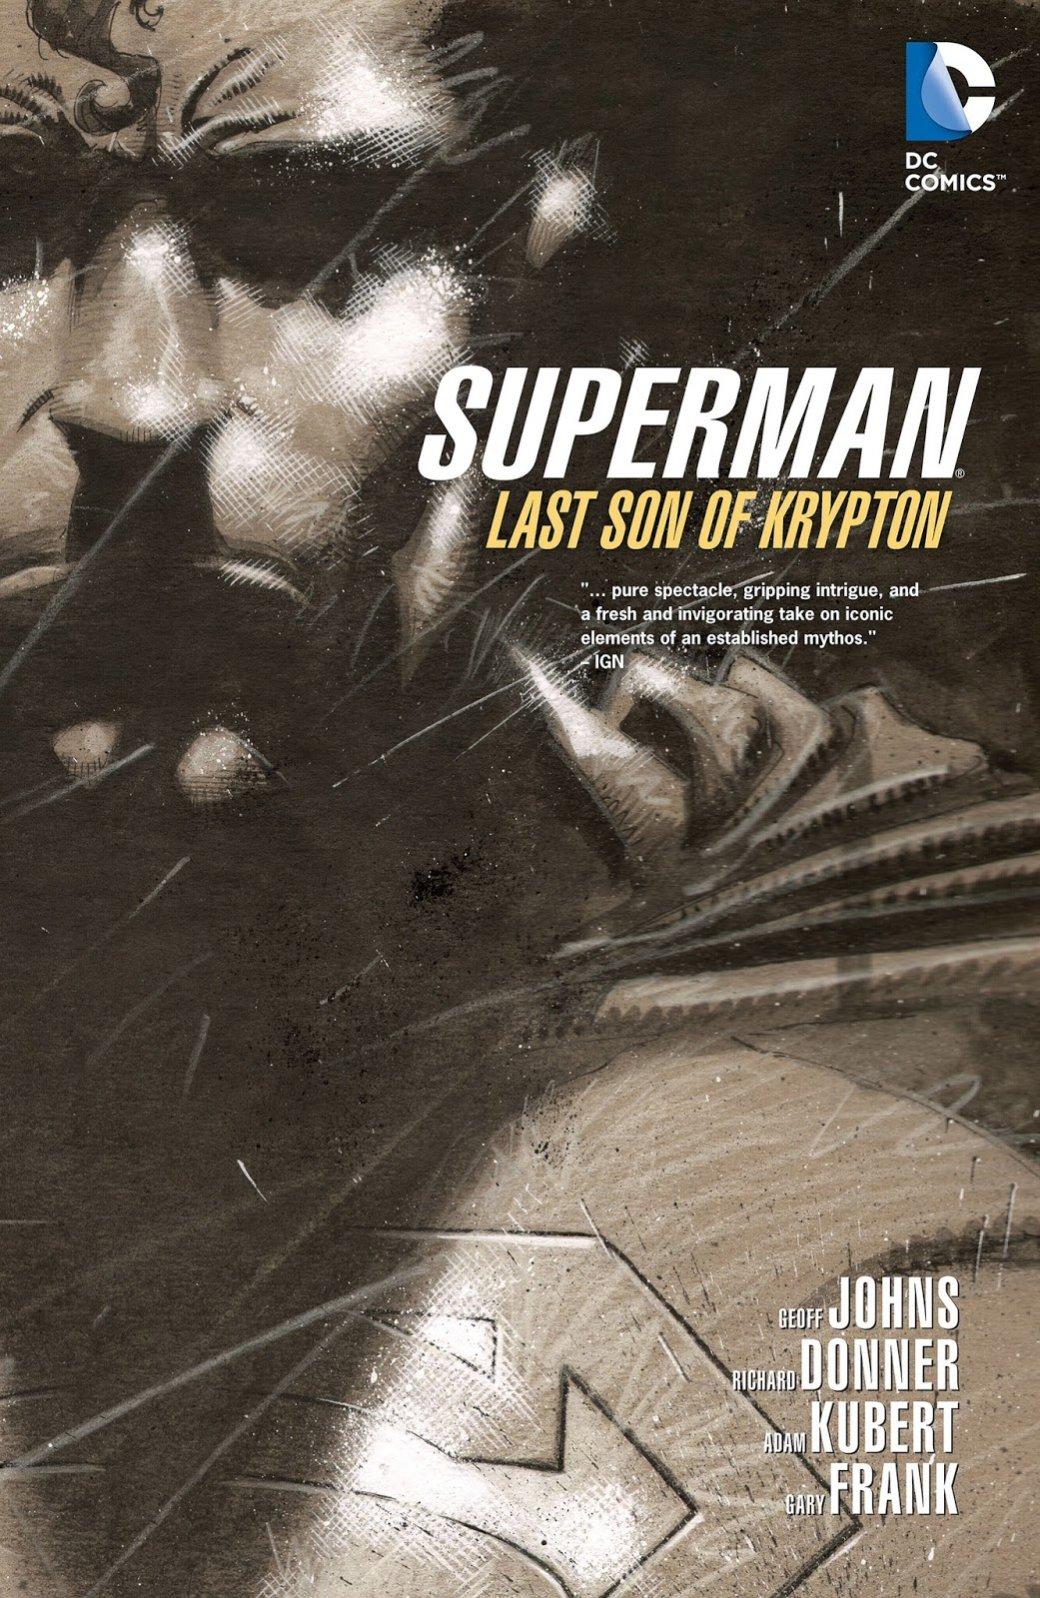 История Супермена иэволюция его образа вкомиксах | Канобу - Изображение 35